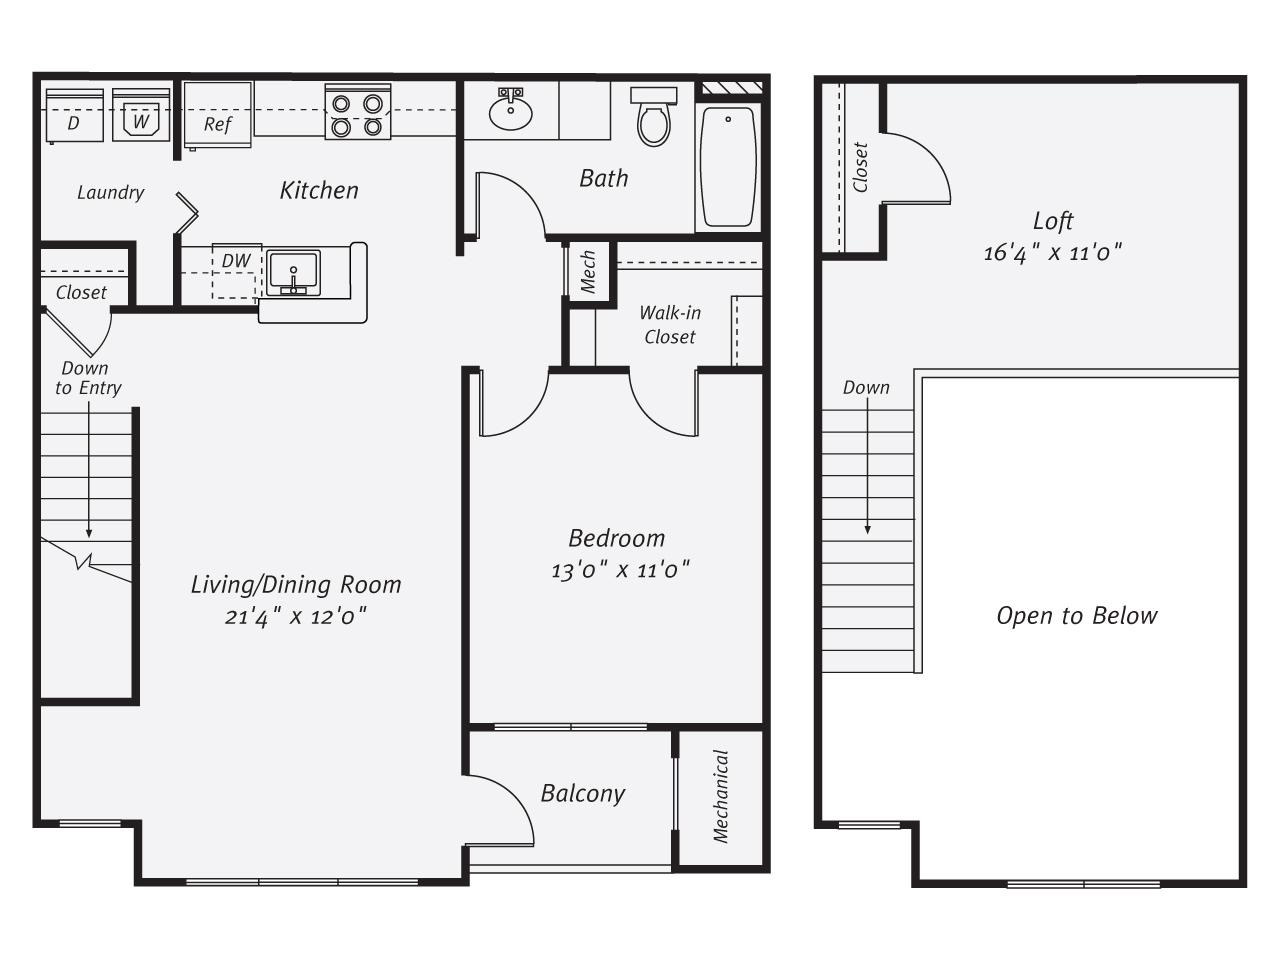 Ny coram thepointatpineridge p0571769 ny014 a5l 2 floorplan